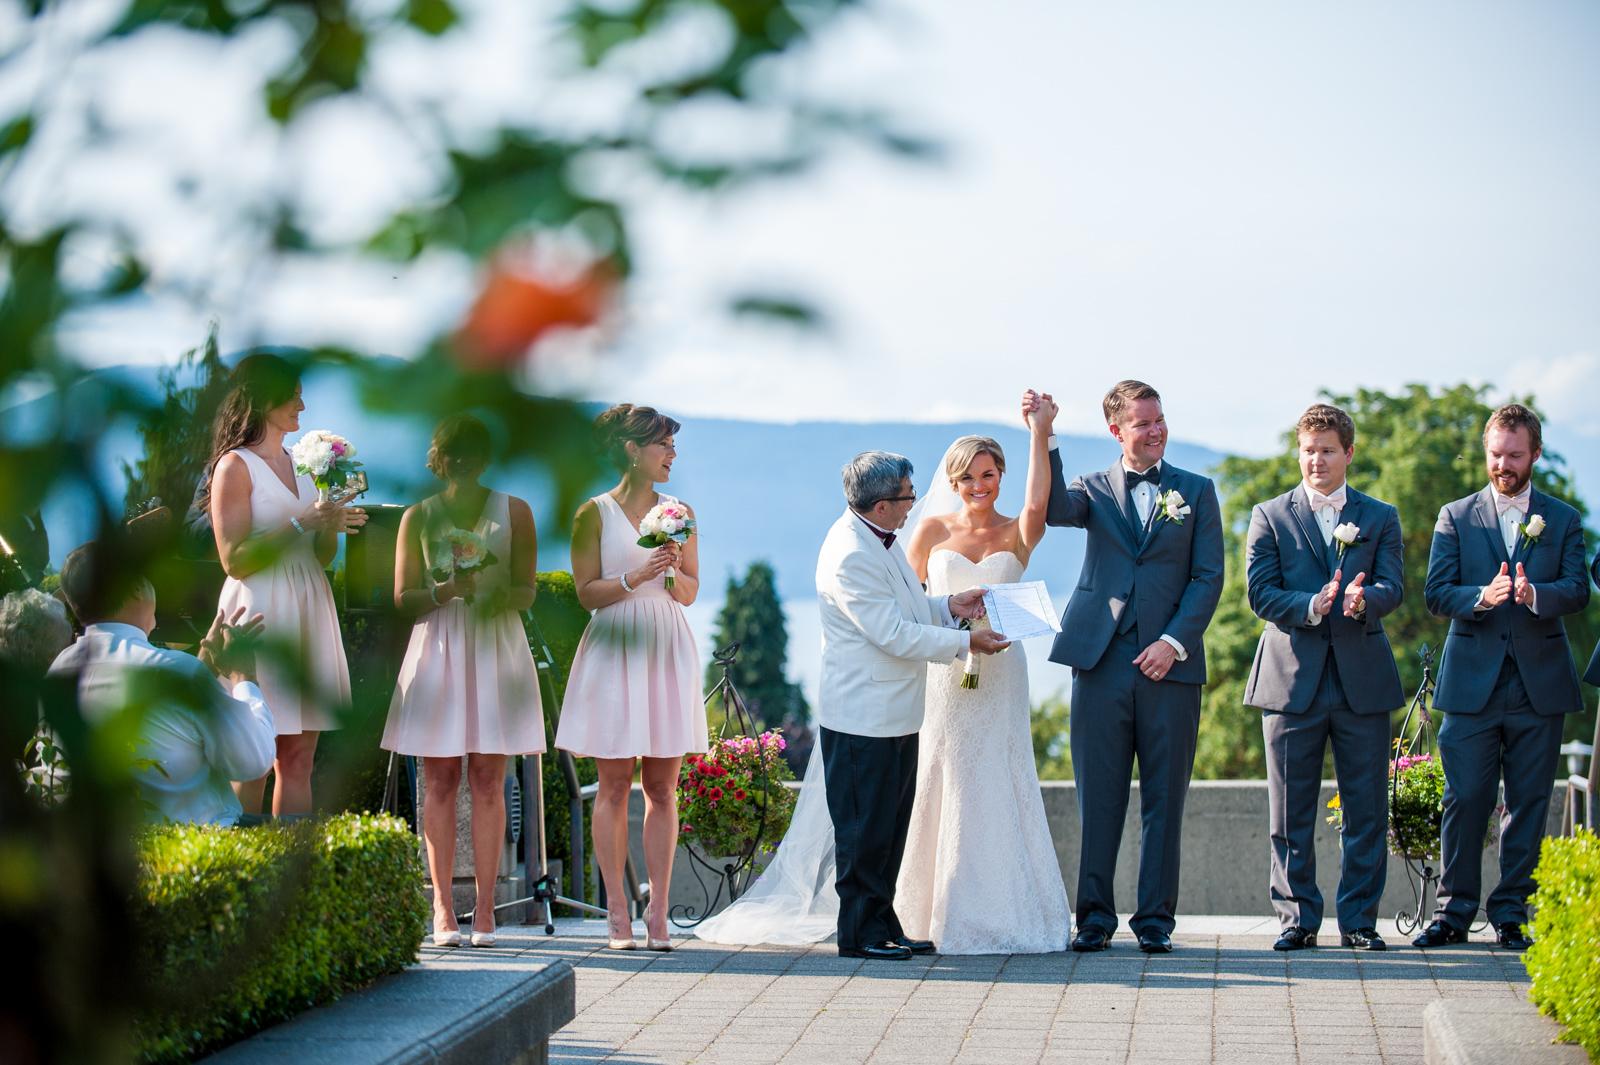 victoria-wedding-photographers-ubc-rose-garden-sage-bistro-wedding-33.jpg